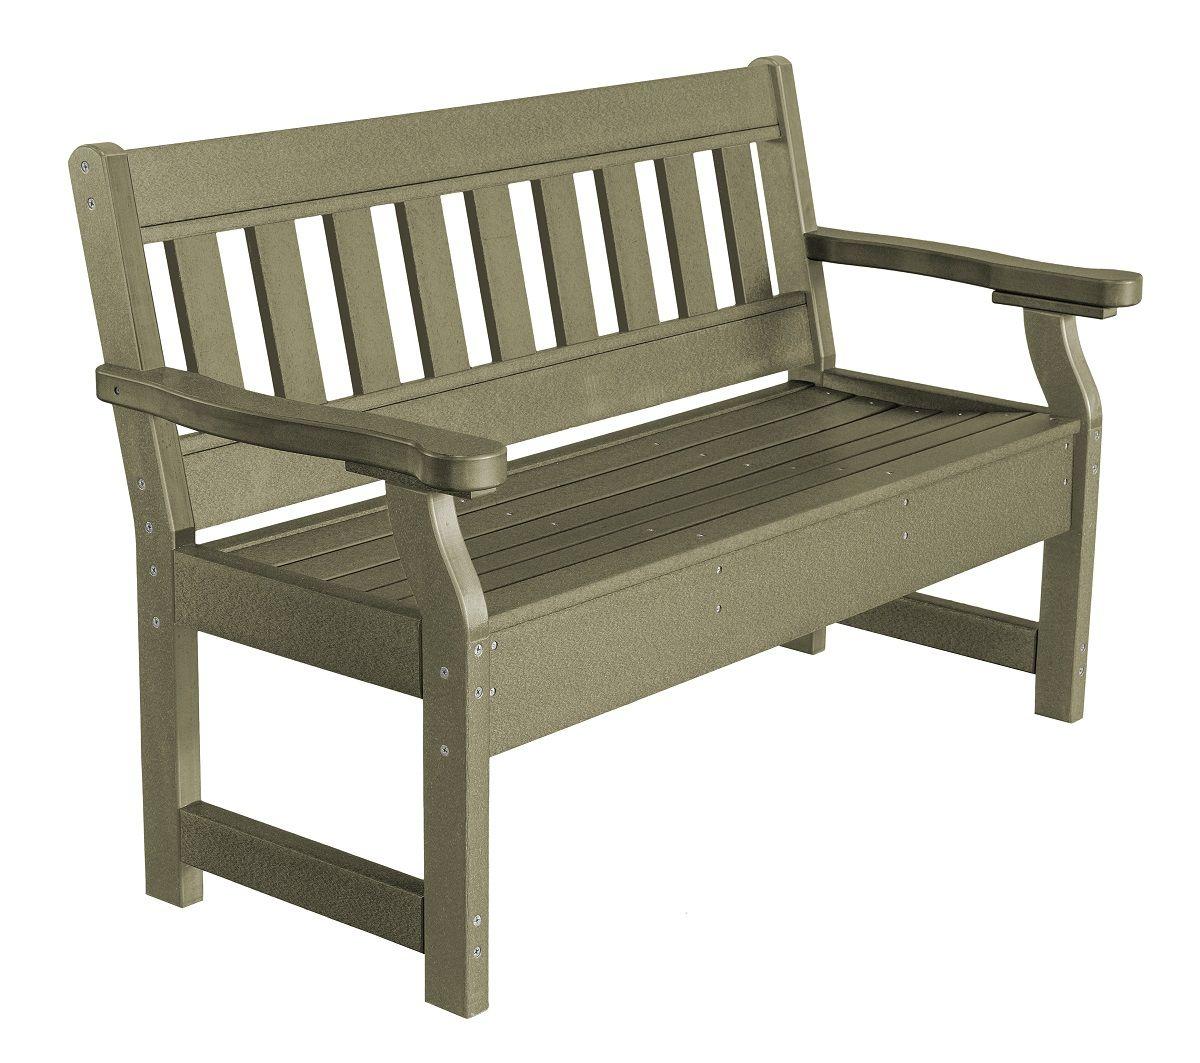 Olive Aden Garden Bench